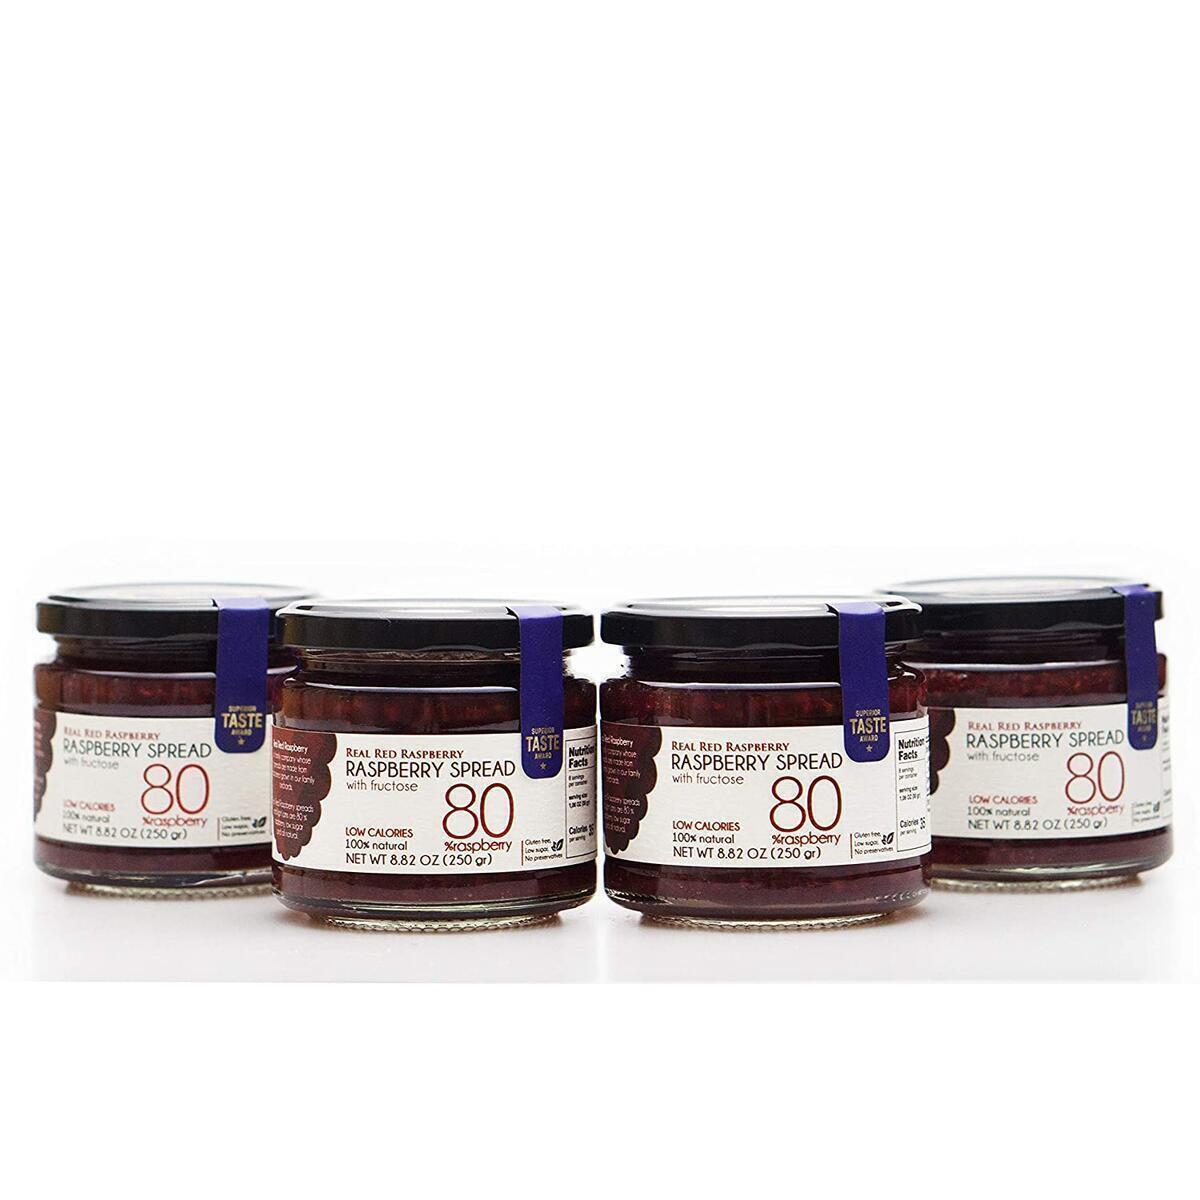 4 Jars of Real Red Raspberry Jam, Handmade of 80% Fresh Whole Raspberries, Low Sugar, Diabetic, Gluten Free Net 8.82 Oz